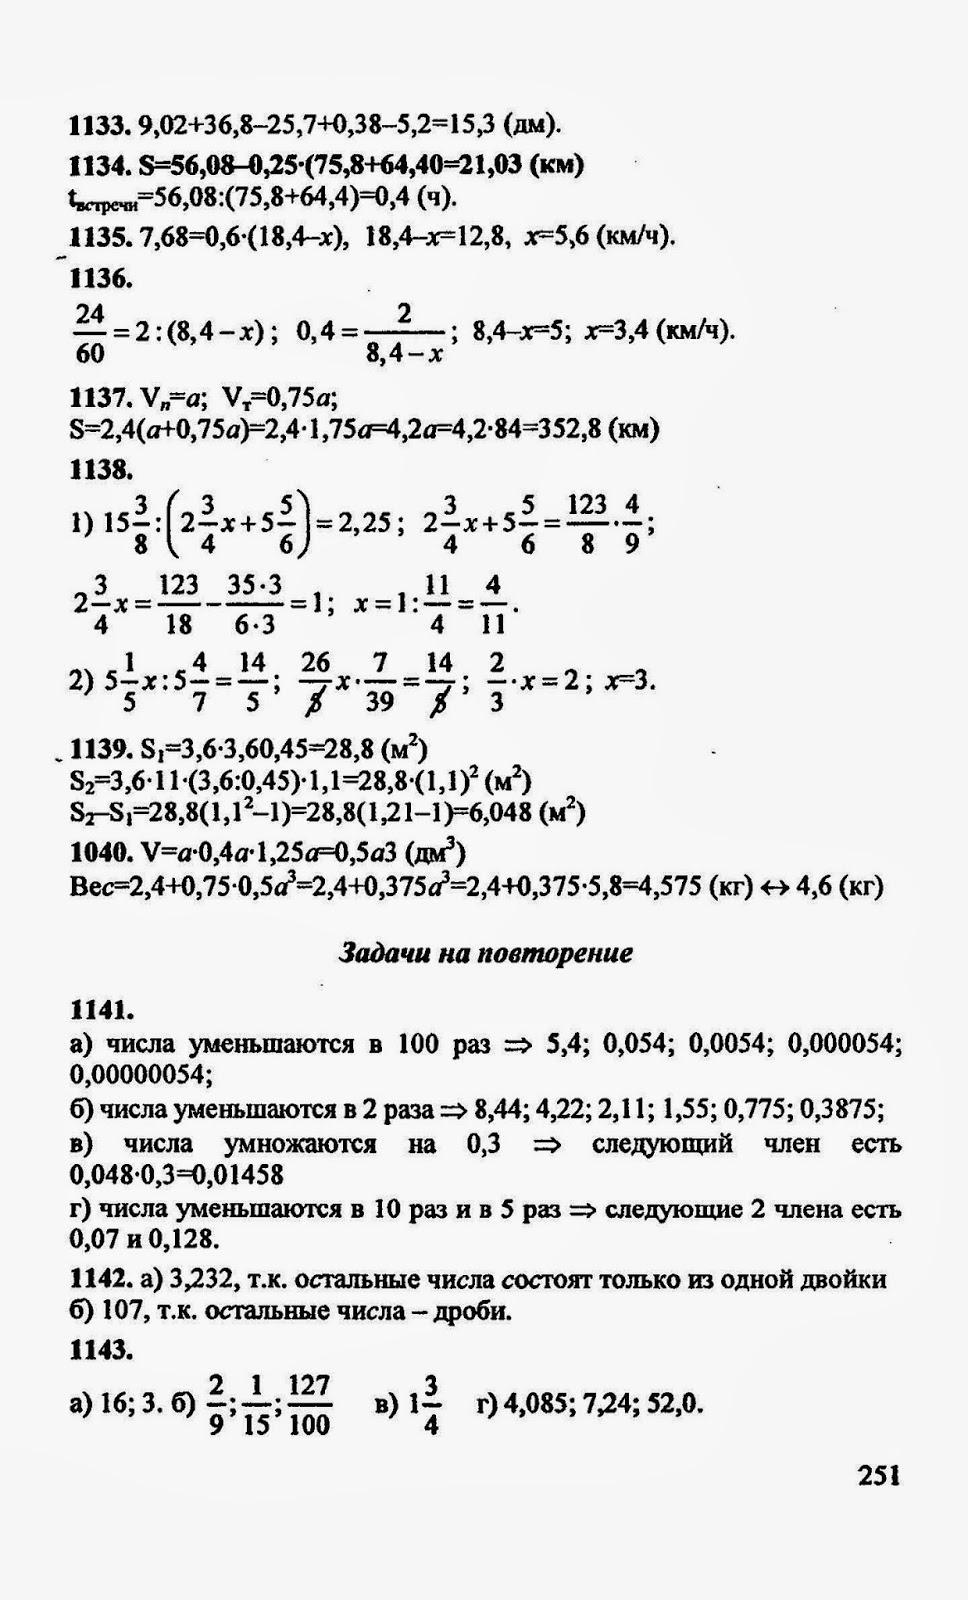 Гдз путин по математике 5 класс г.в.дорофеев